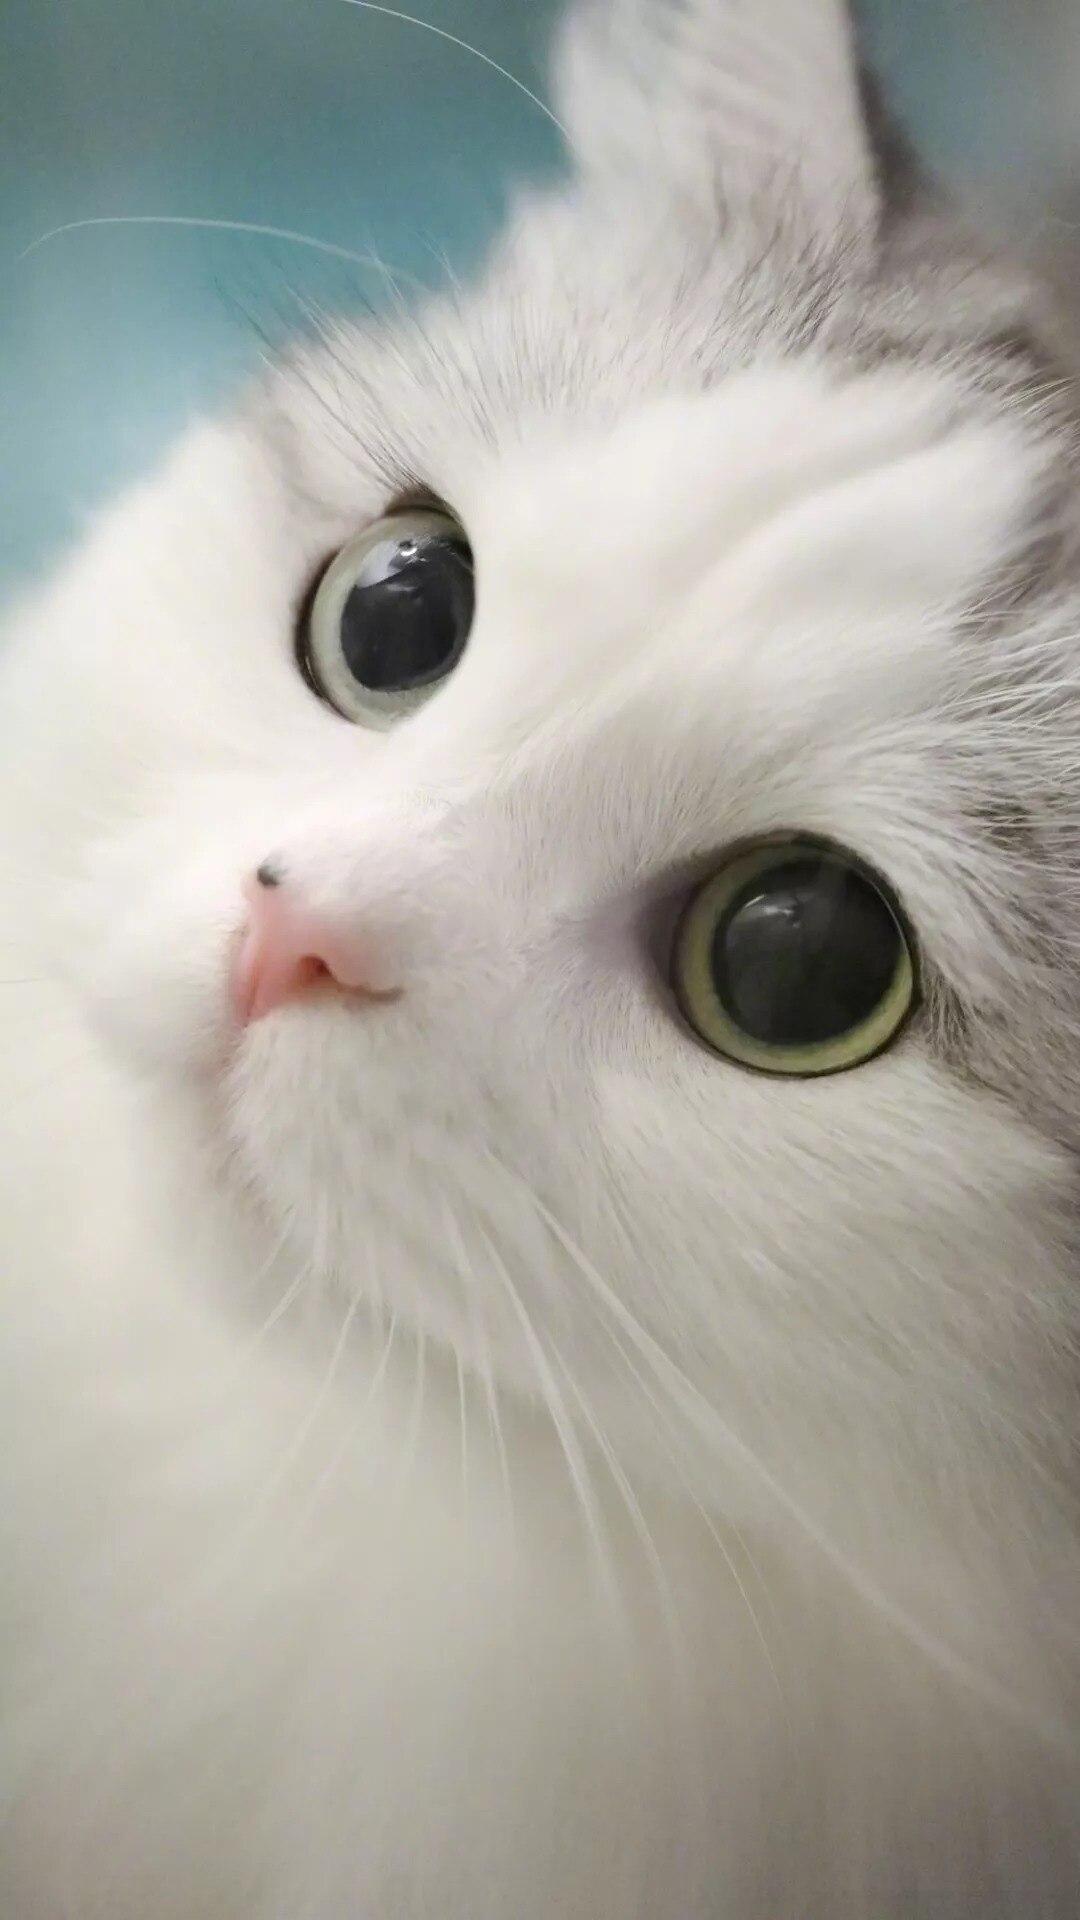 猫片壁纸 :生活不断拍打我们的脸皮,最后不是脸皮厚了,是肿了!插图1